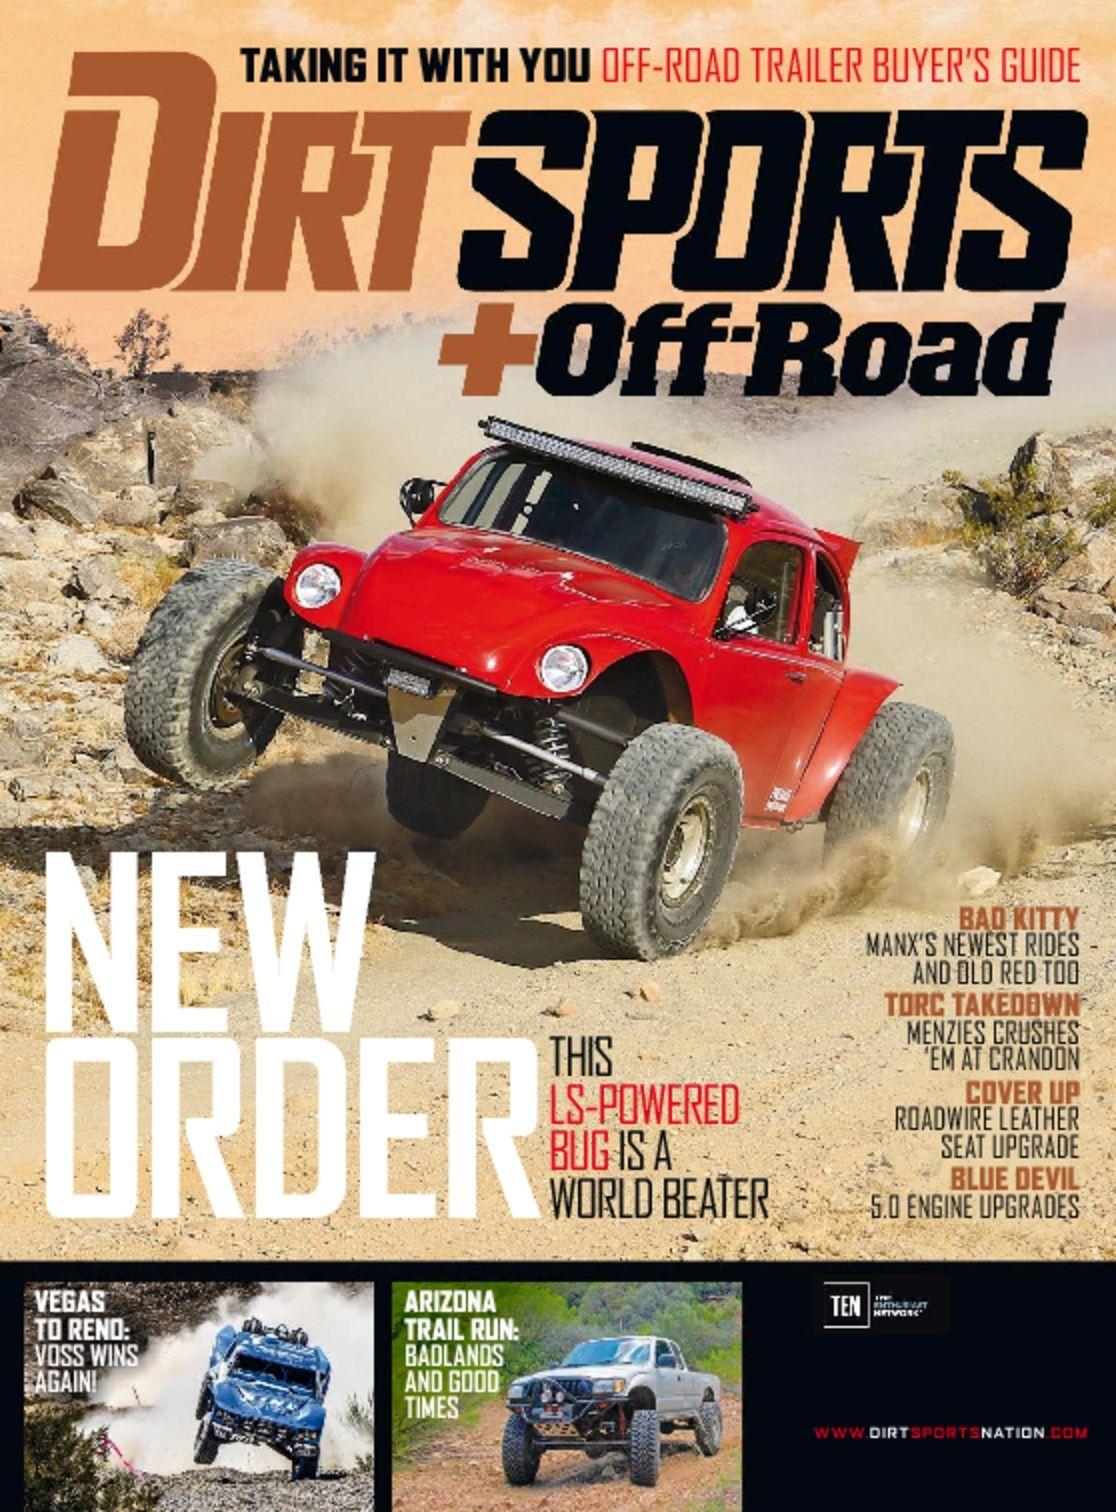 dirt sports off road magazine digital. Black Bedroom Furniture Sets. Home Design Ideas